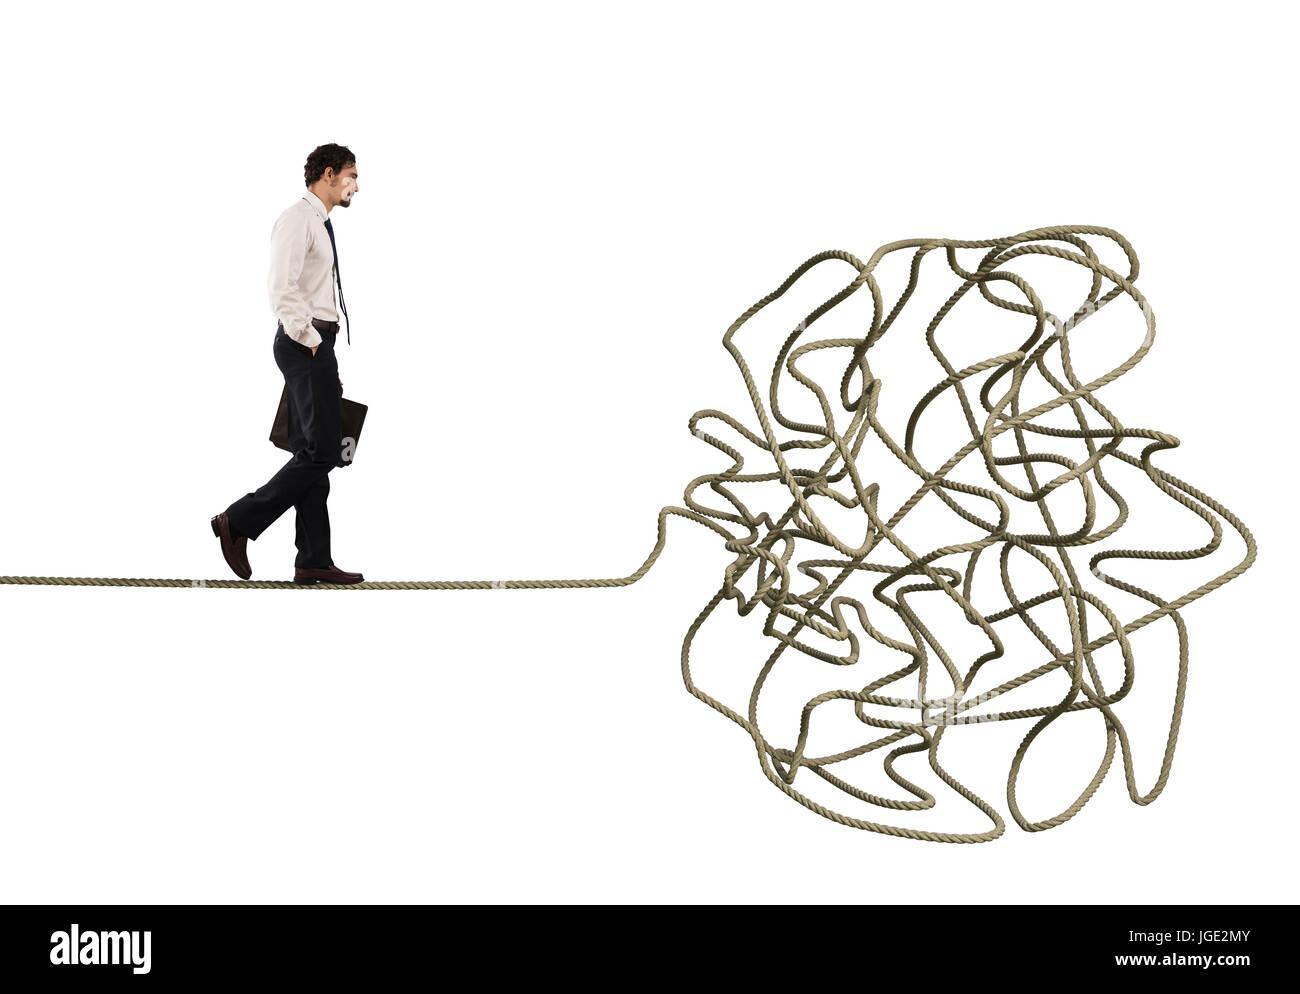 Problemas y dificultades concepto con cuerda enmarañada Imagen De Stock